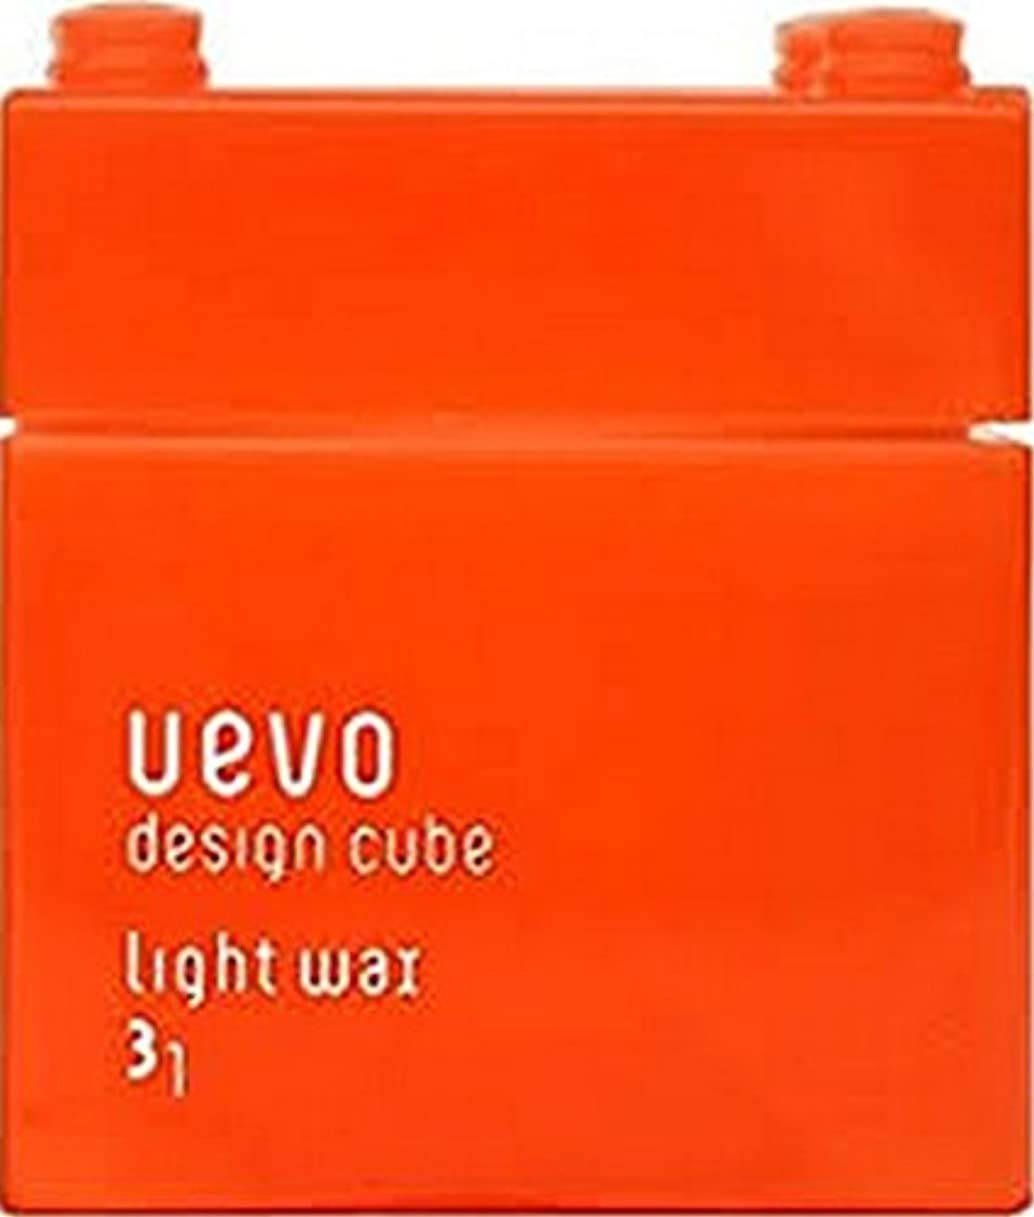 漂流上流の贅沢な【デミコスメティクス】ウェーボ デザインキューブ ラウンドワックス 80g